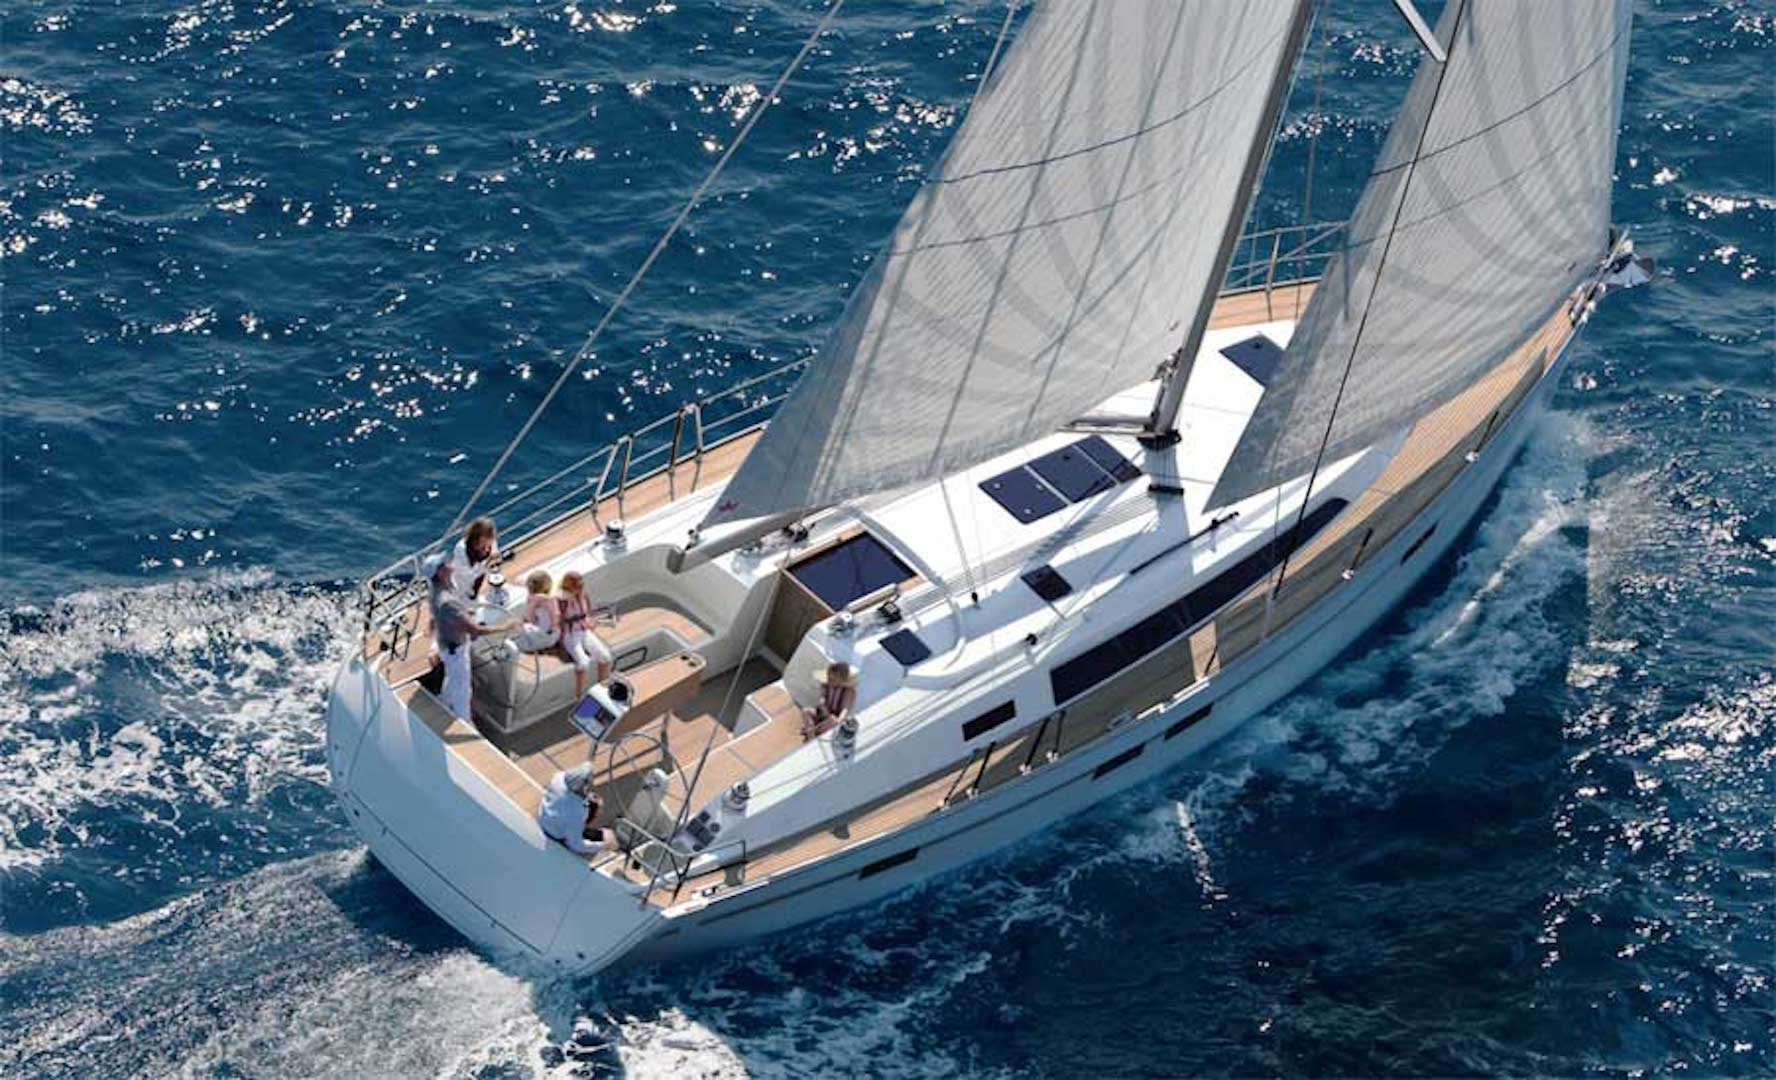 segeln auf einer Bavaria Cruiser 46 / © bavaria-yachtbau.com